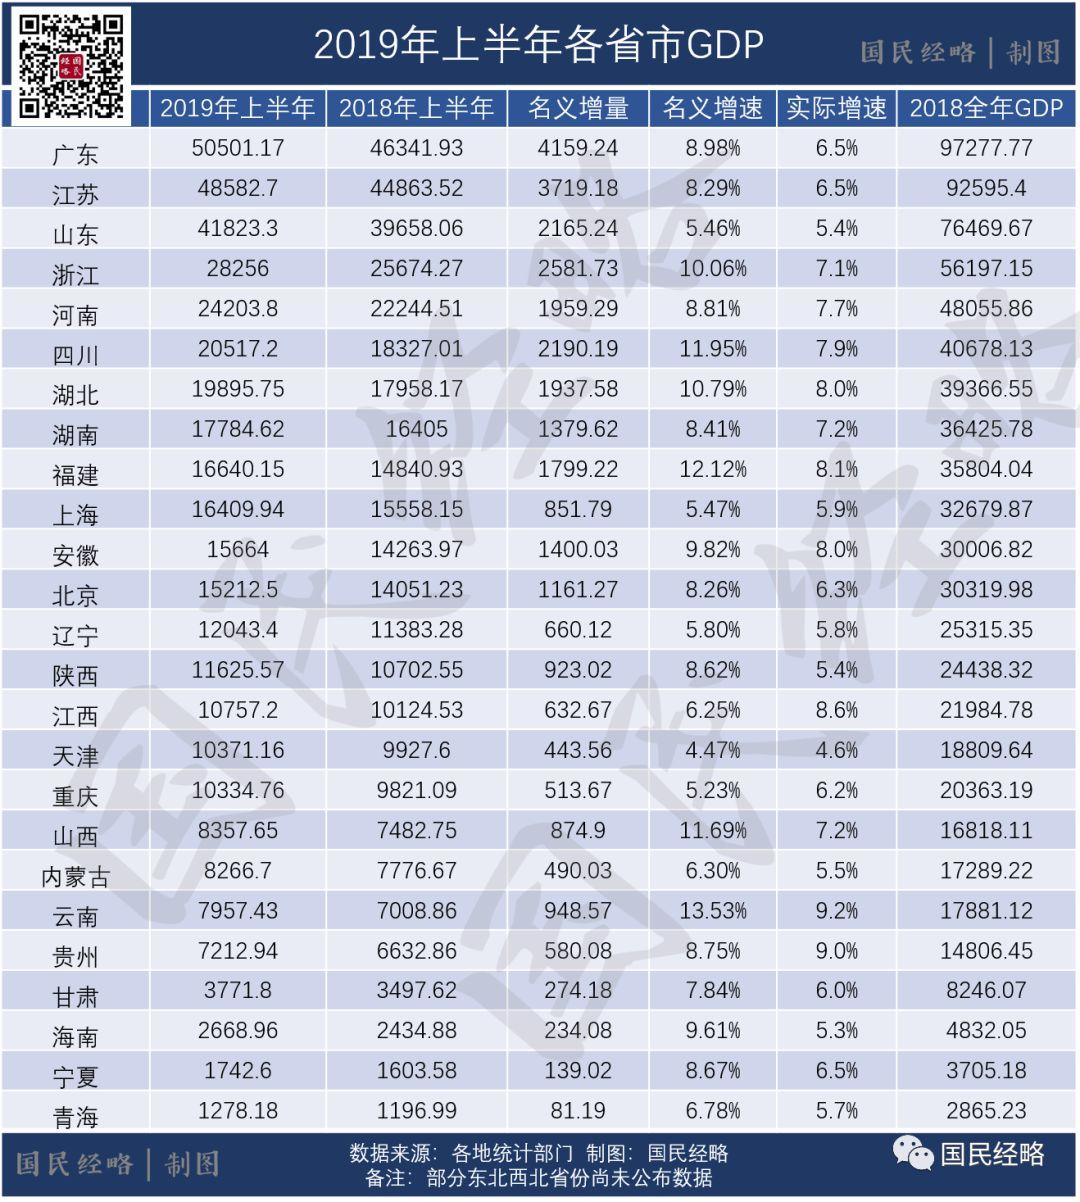 最新省市GDP:粤苏领跑 安徽赶超北京 山东不及预期